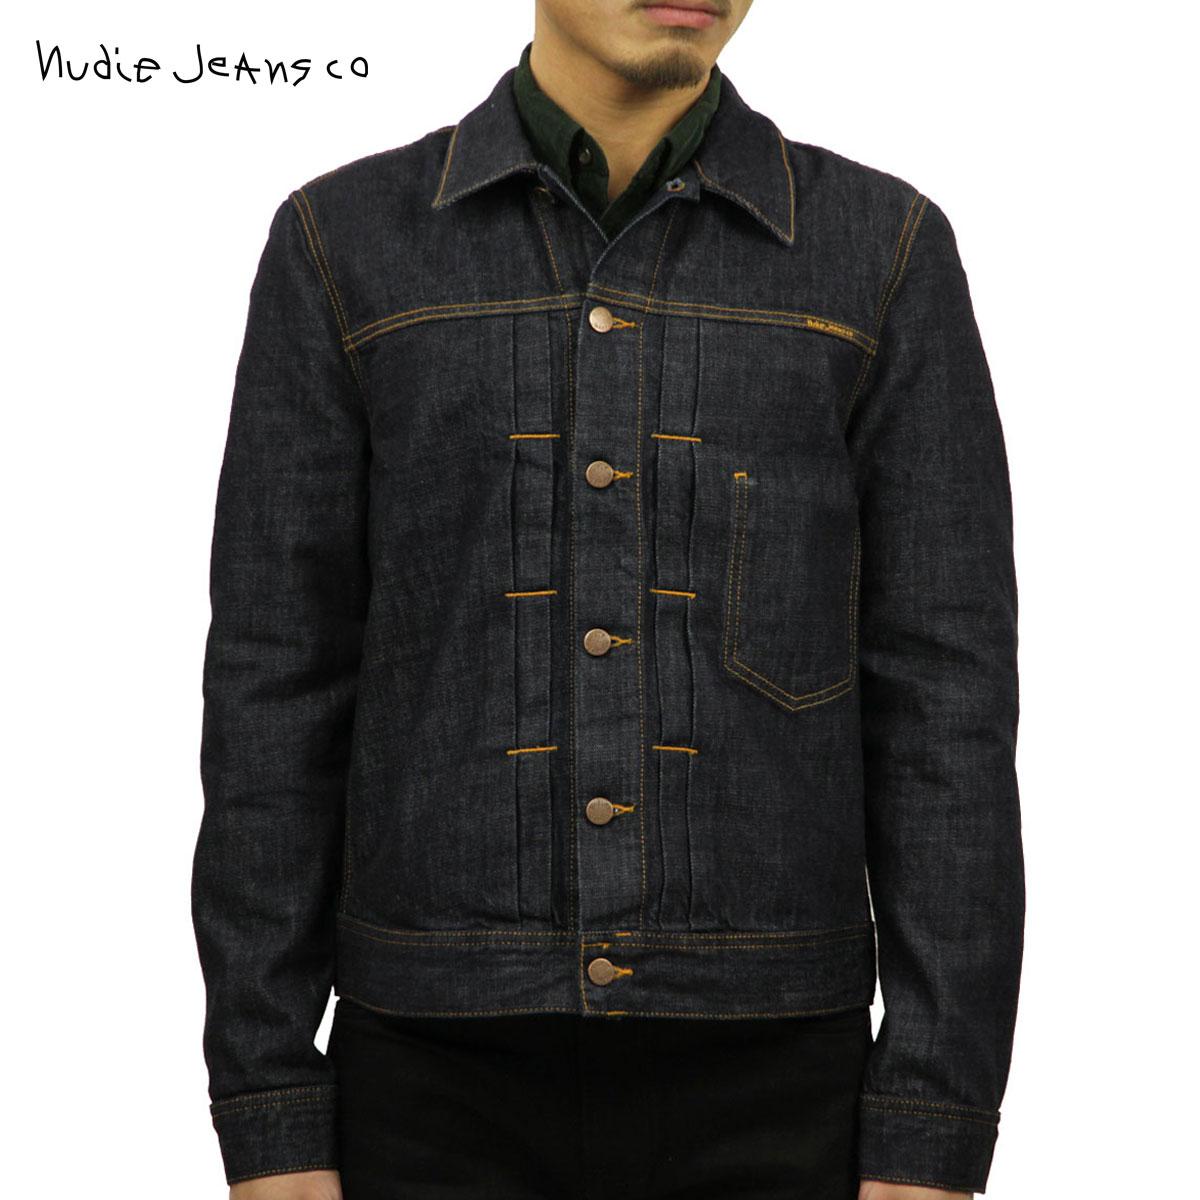 ヌーディージーンズ Nudie Jeans 正規販売店 メンズ アウター デニムジャケット SONNY DENIM JACKET RINSE BLUE 160590